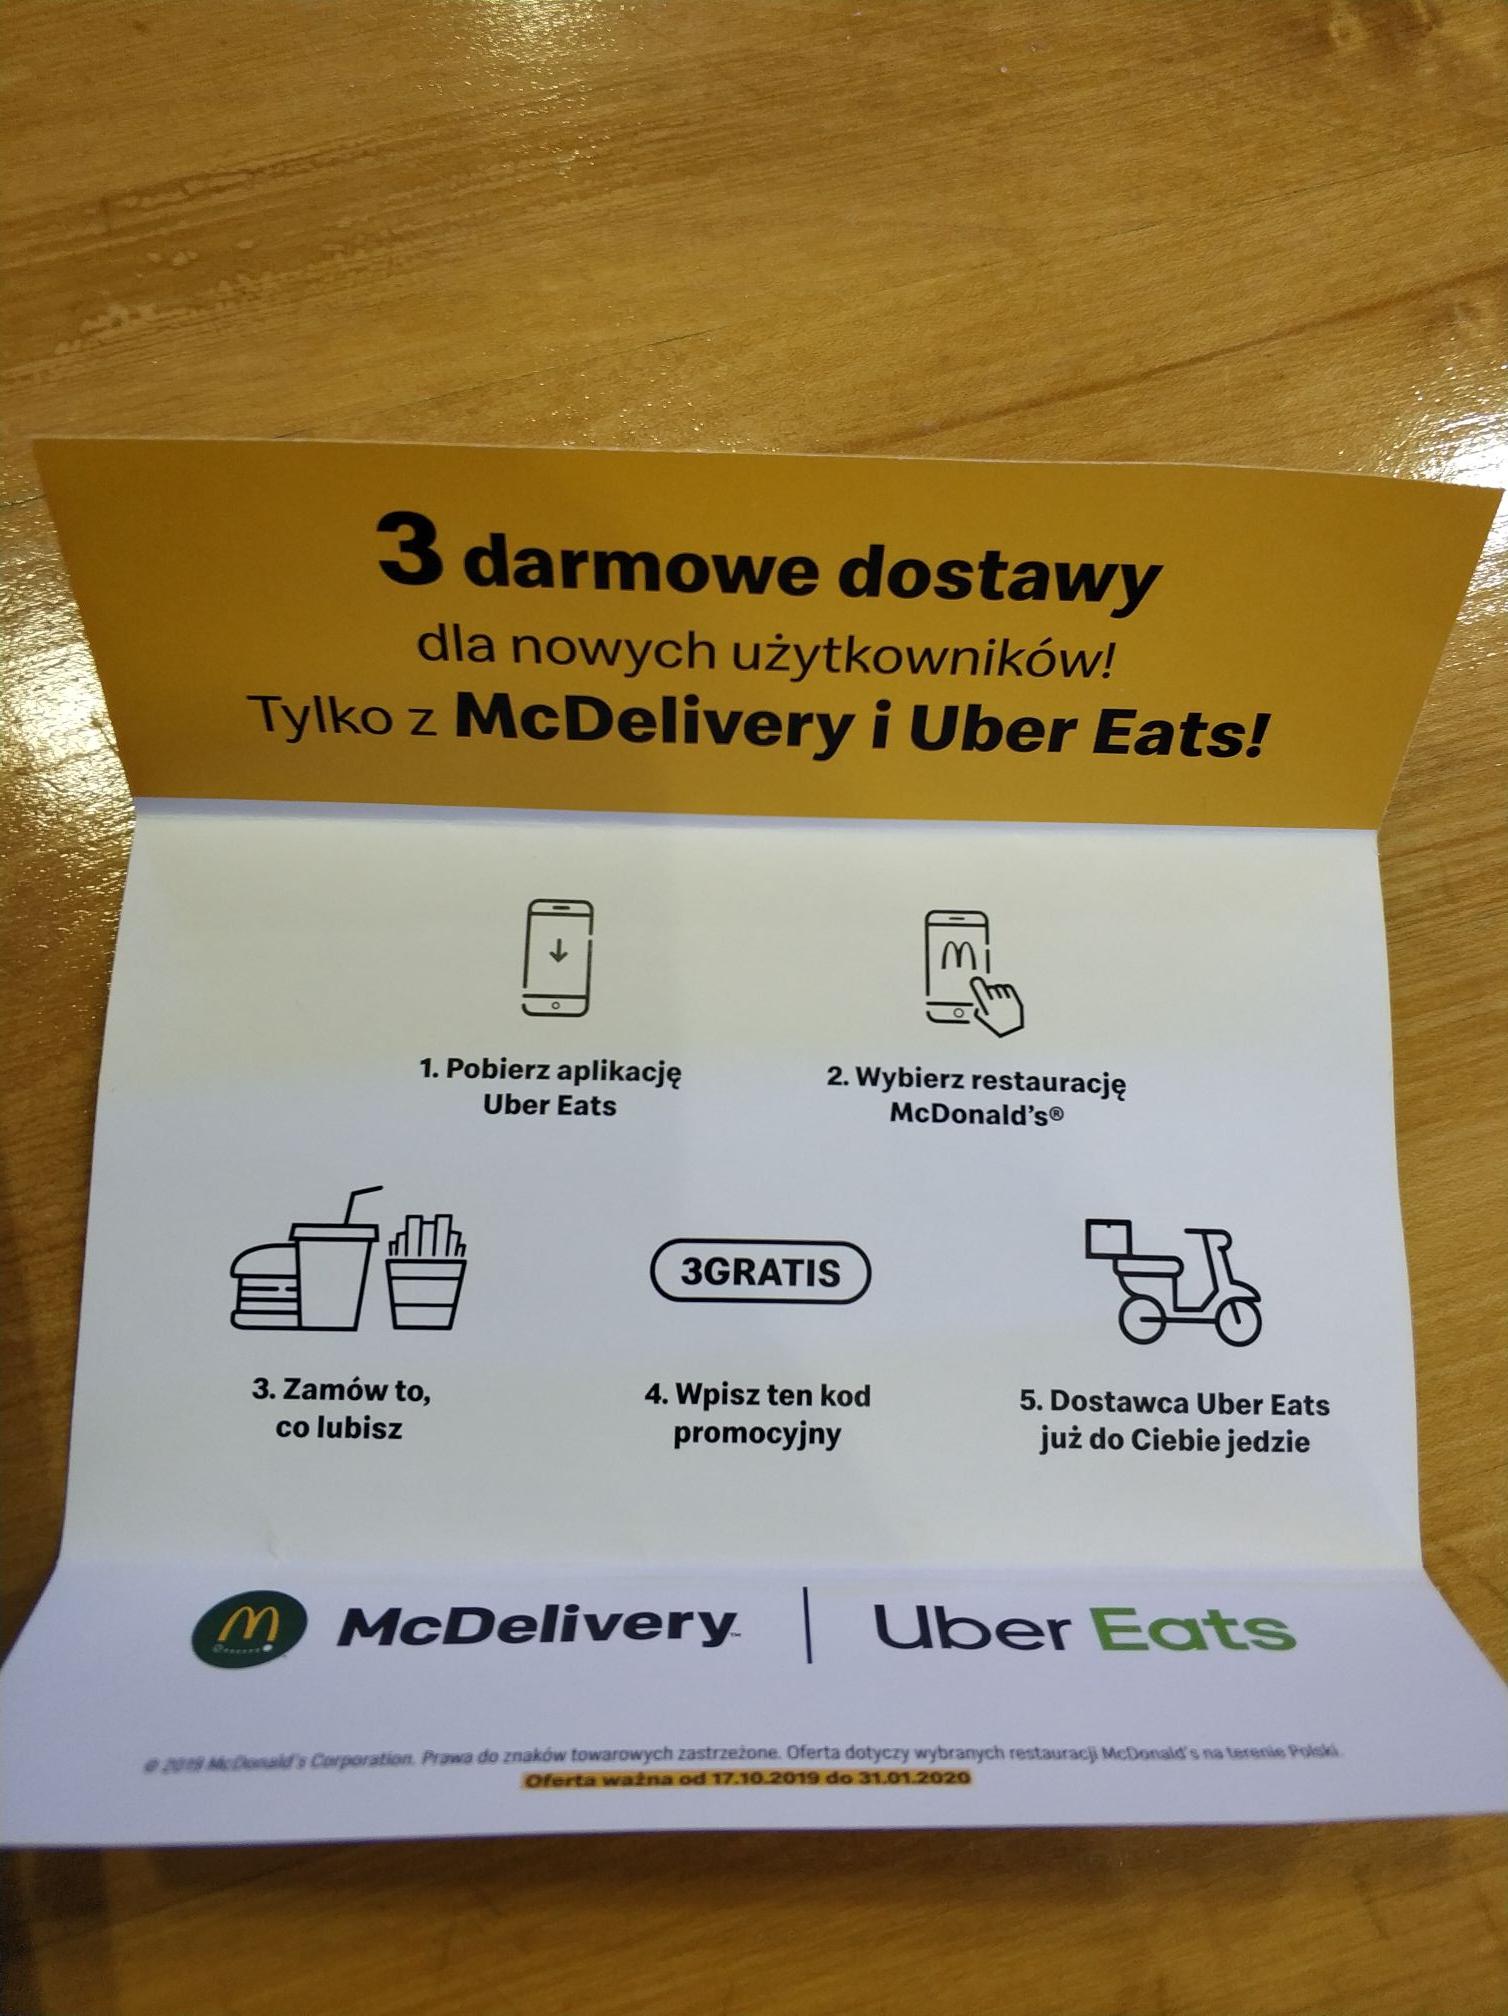 Darmowa dostawa McDelivery